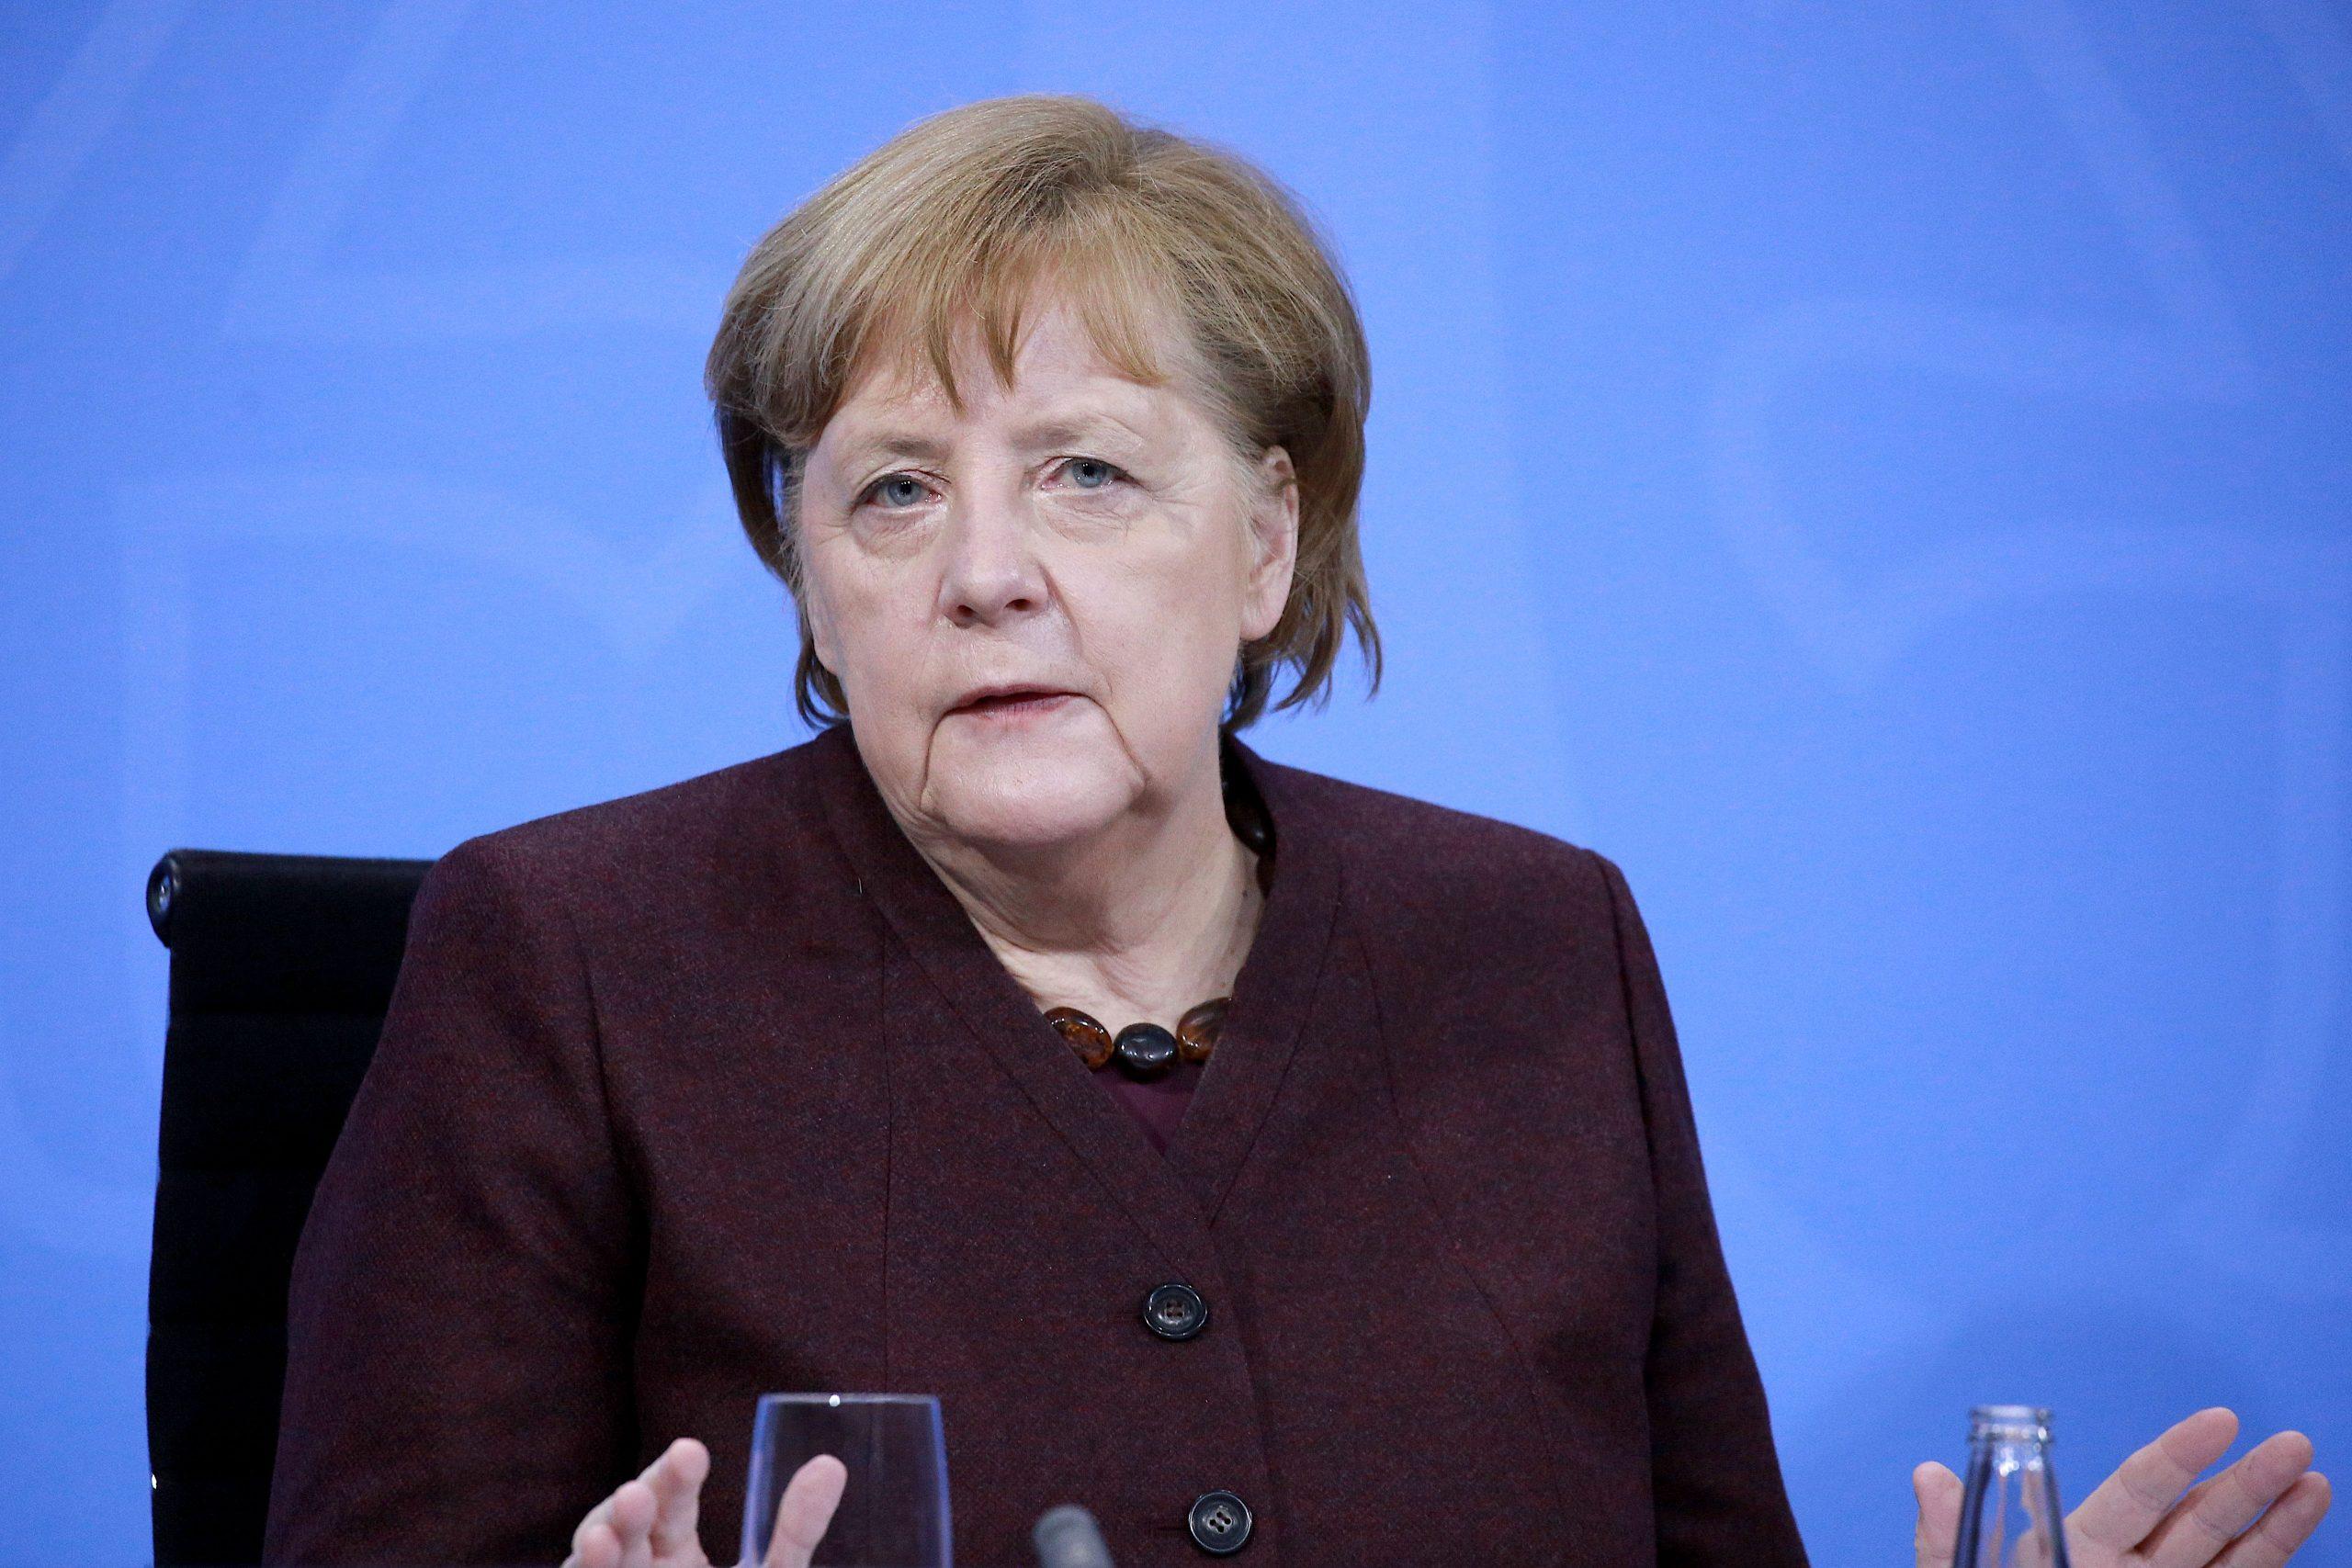 Bund und Länder einigen sich auf Lockdown-Fahrplan: Ab 8. März Öffnungsschritte alle 14 Tage möglich